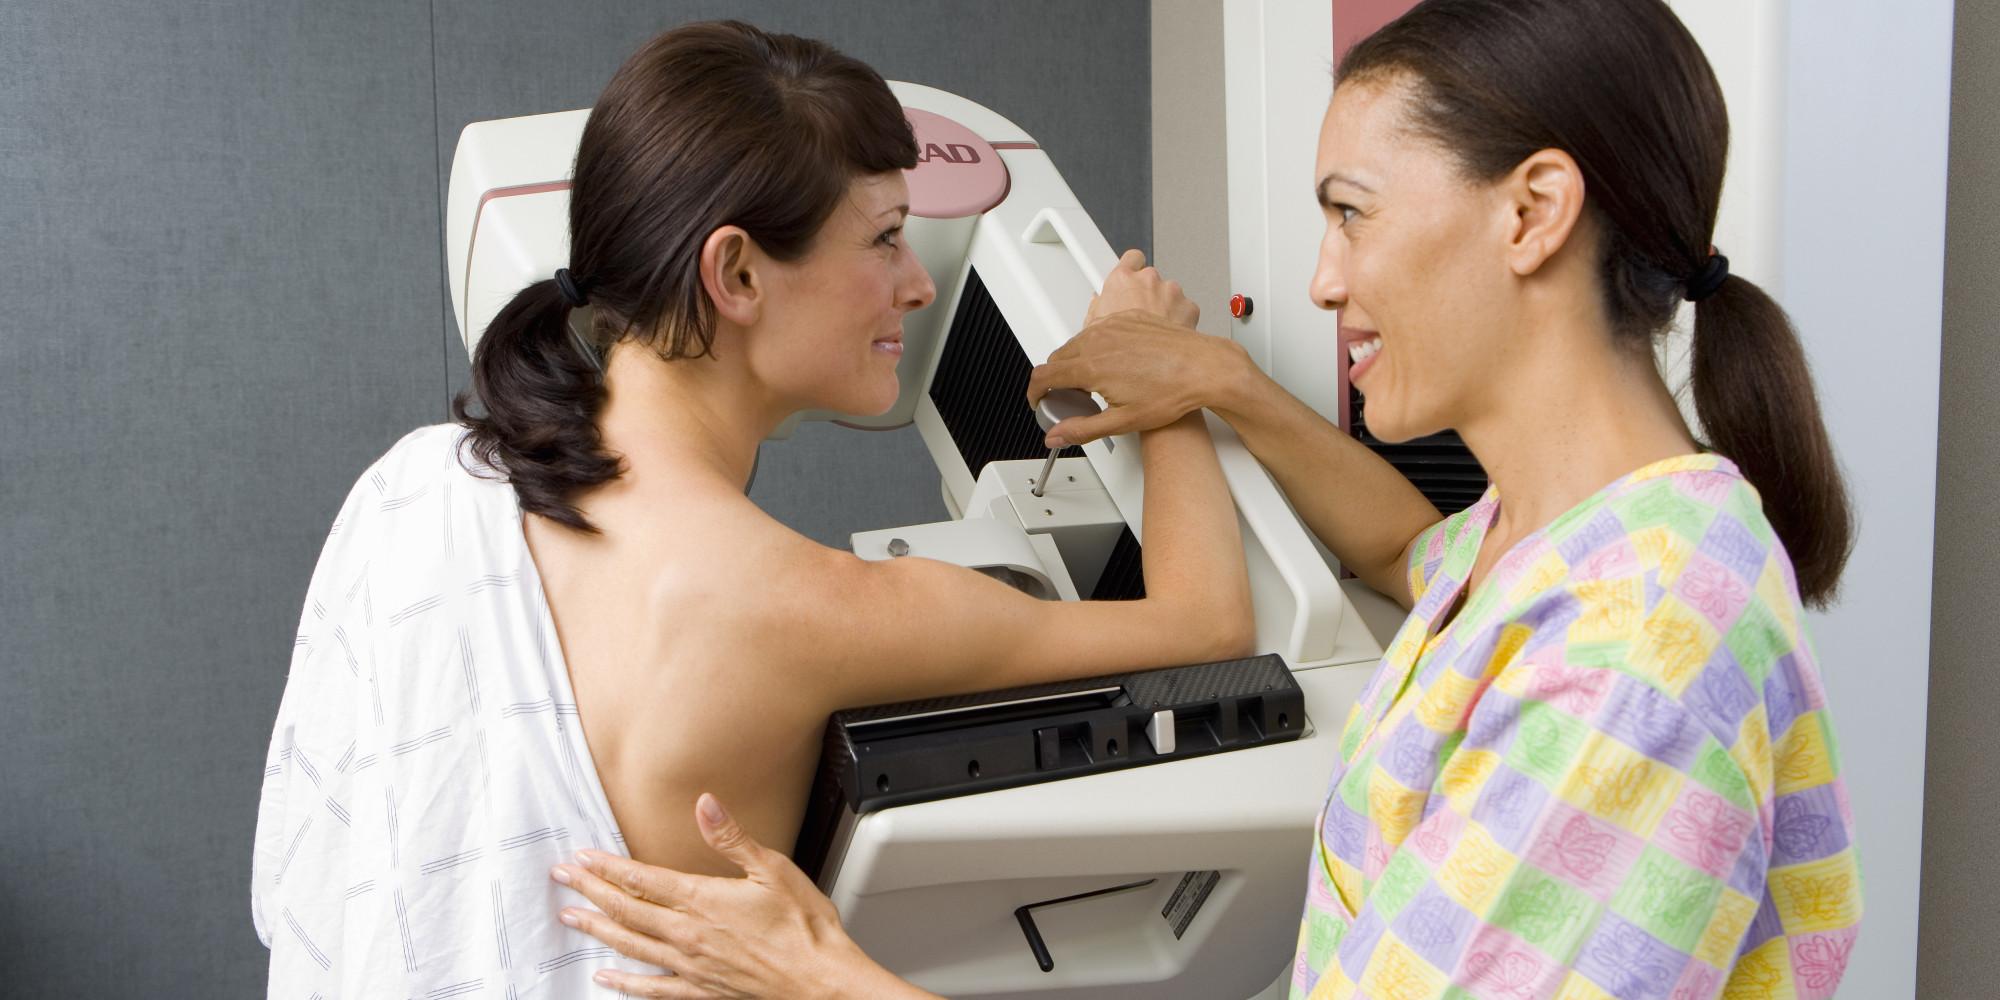 mamografija zena dojka pregled